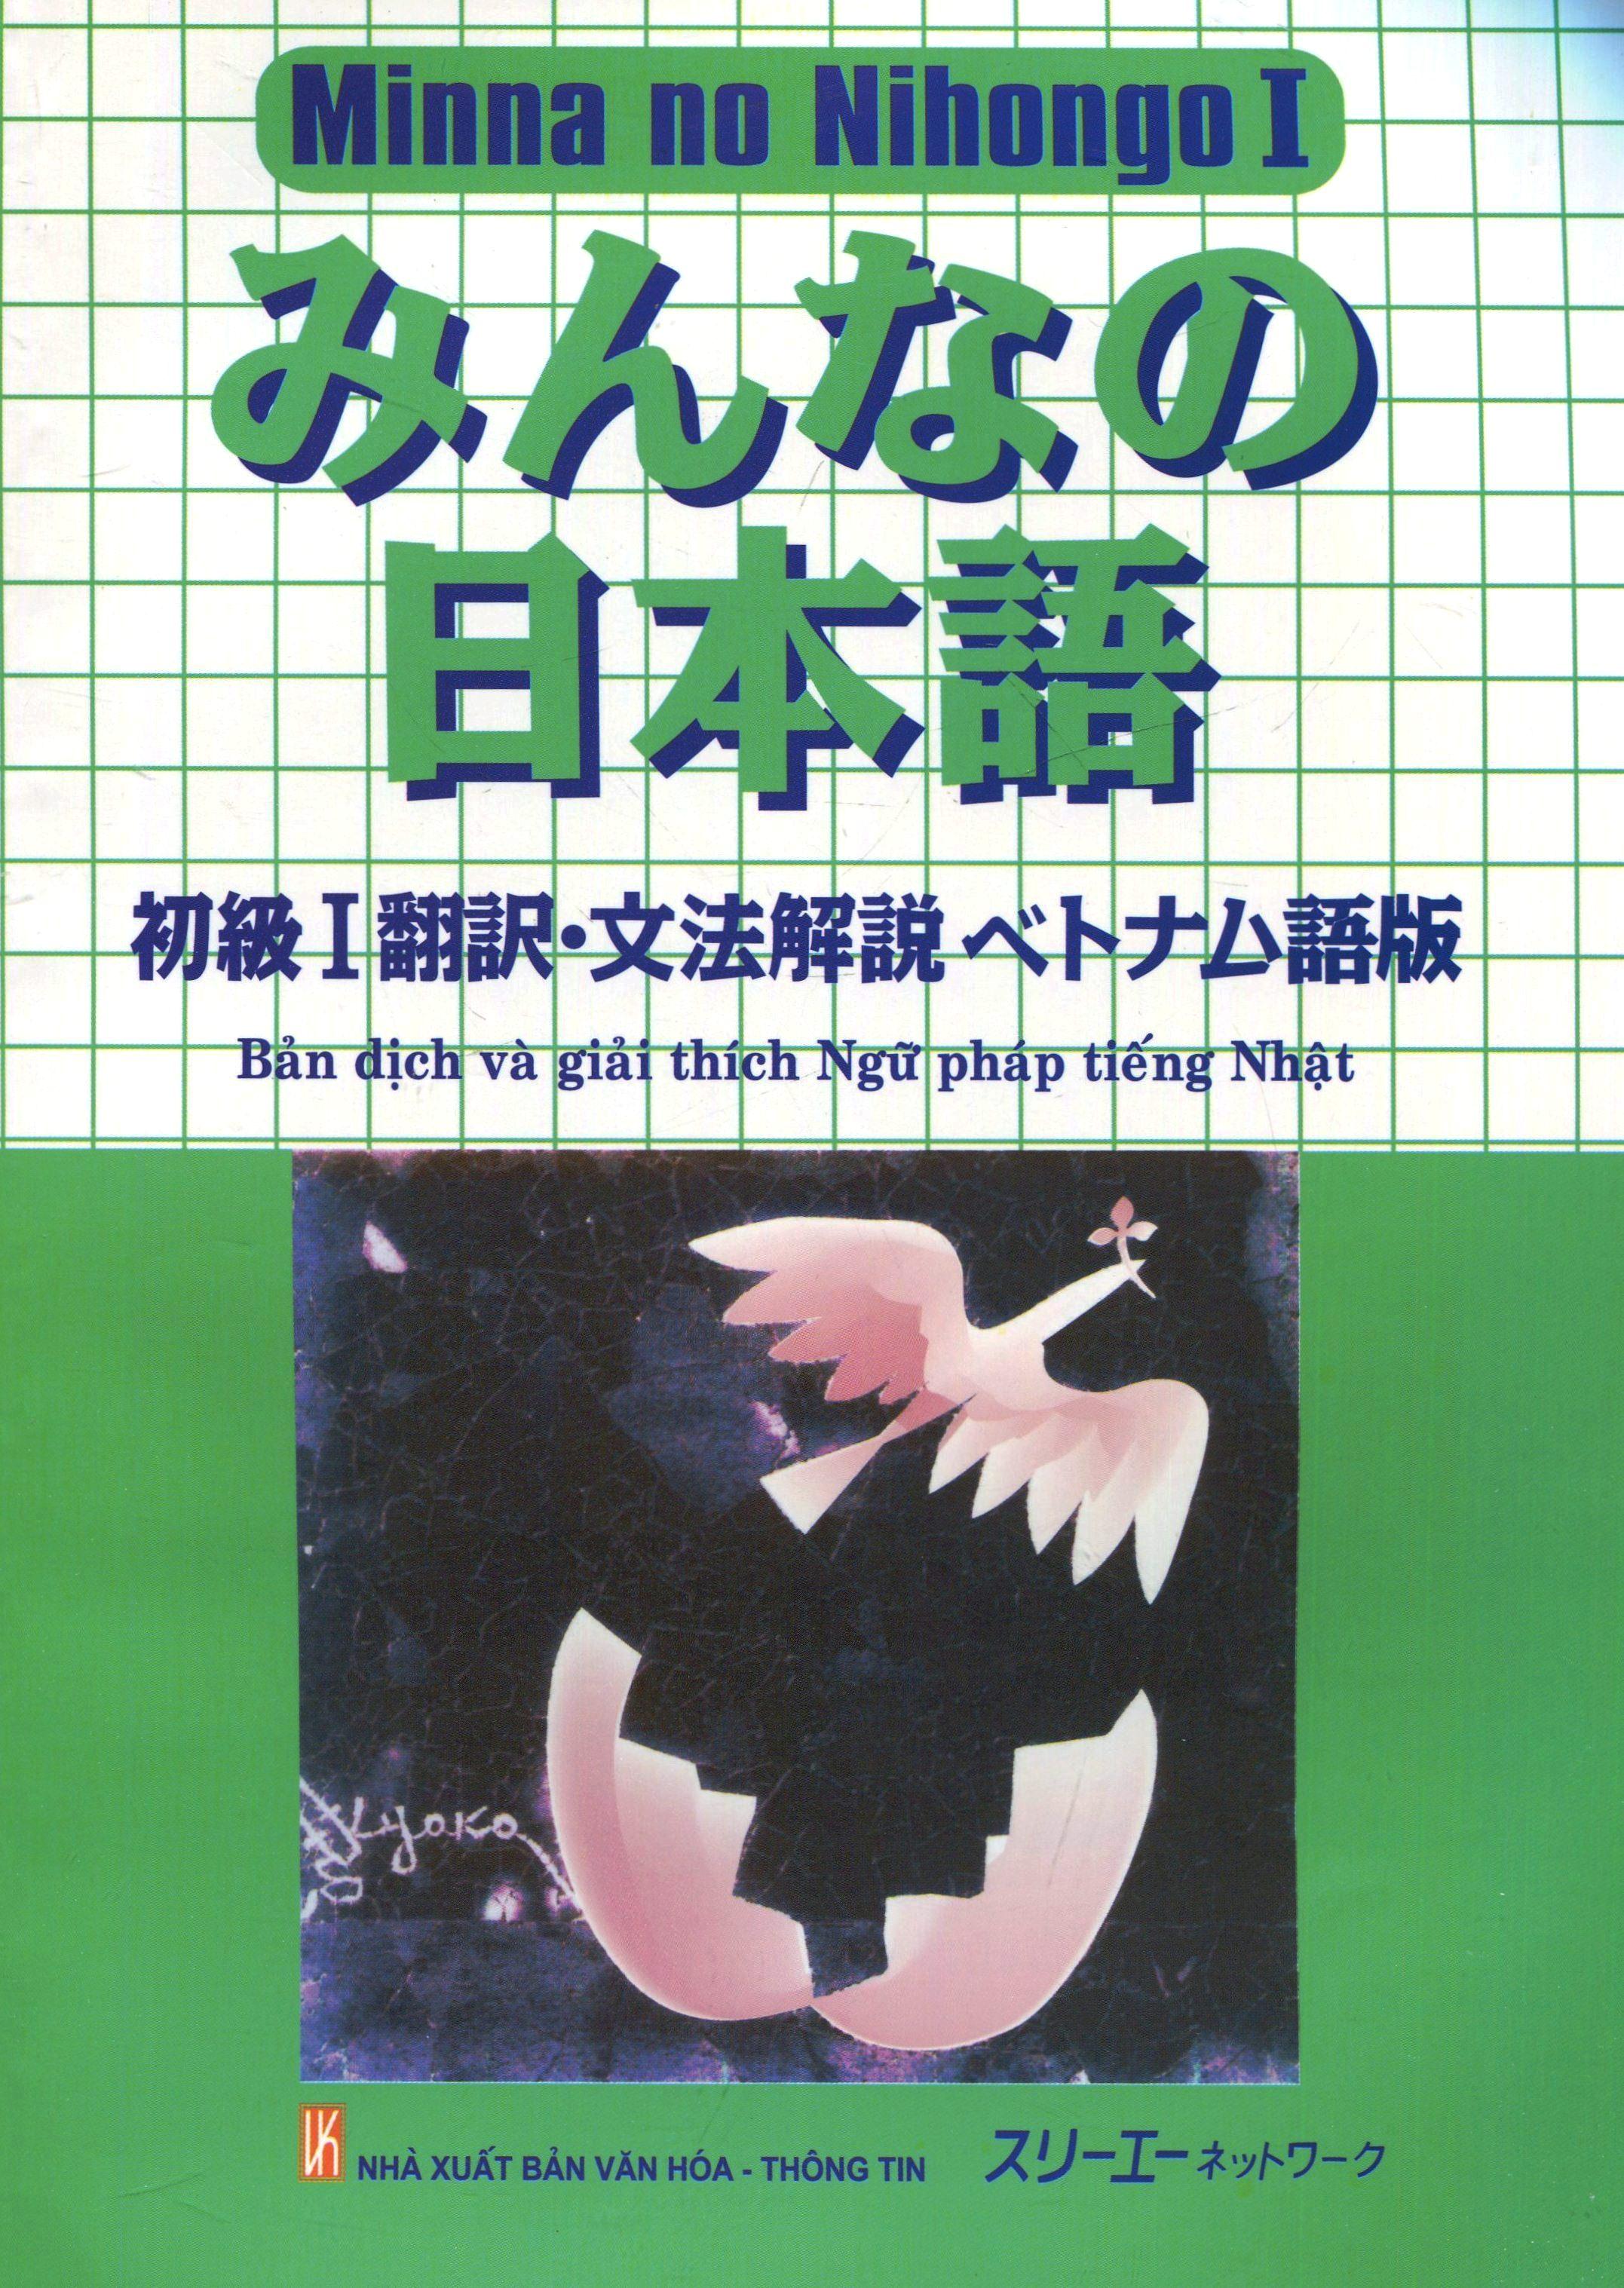 Minna No Nihongo 1 - Bản Dịch Và Giải Thích Ngữ Pháp Tiếng Nhật